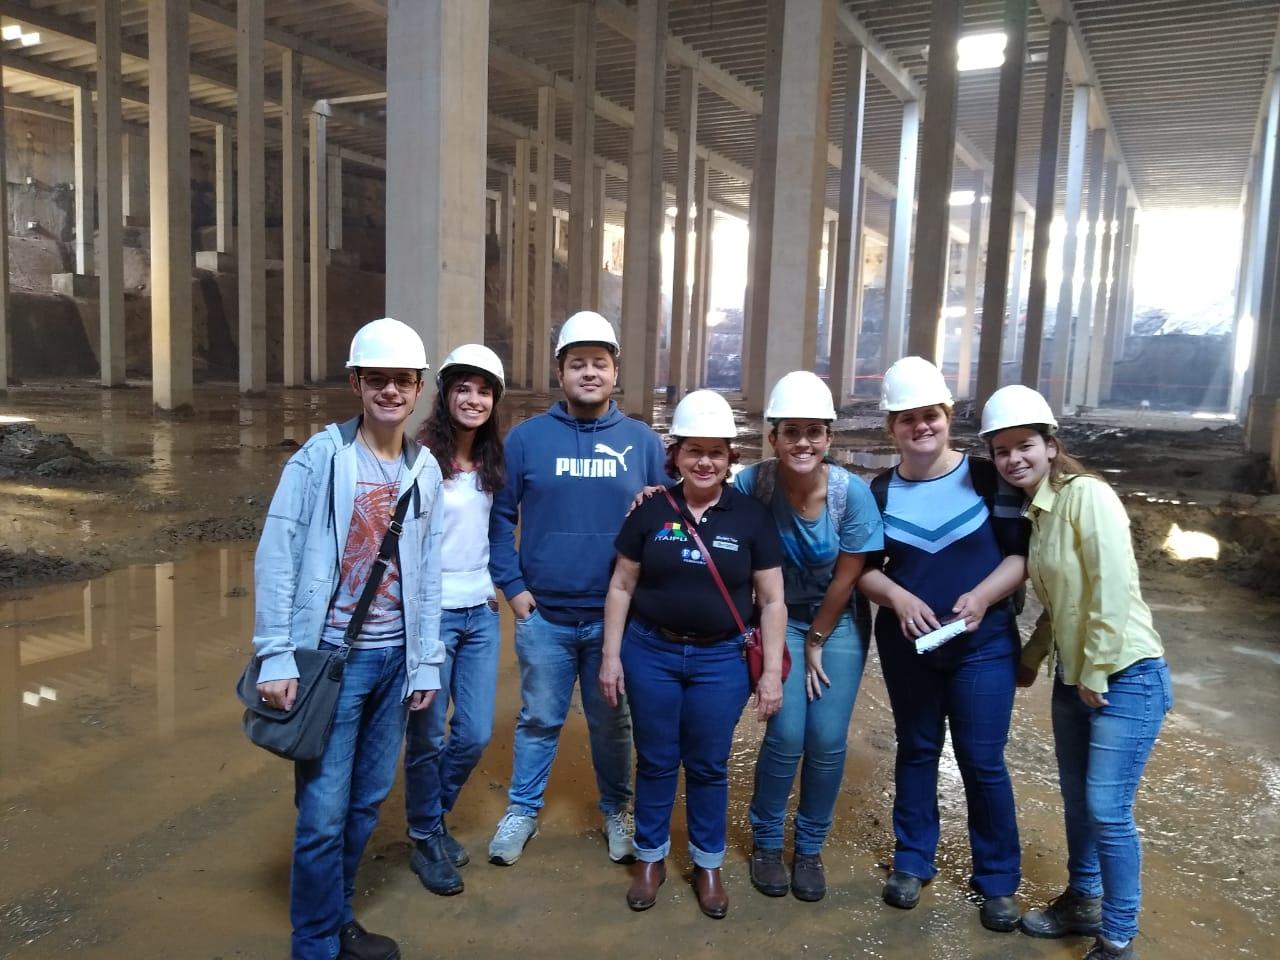 Alunos do curso de Engenharia Civil da Fundação Santo André participam de visita técnica às obras do Piscinão de São Bernardo